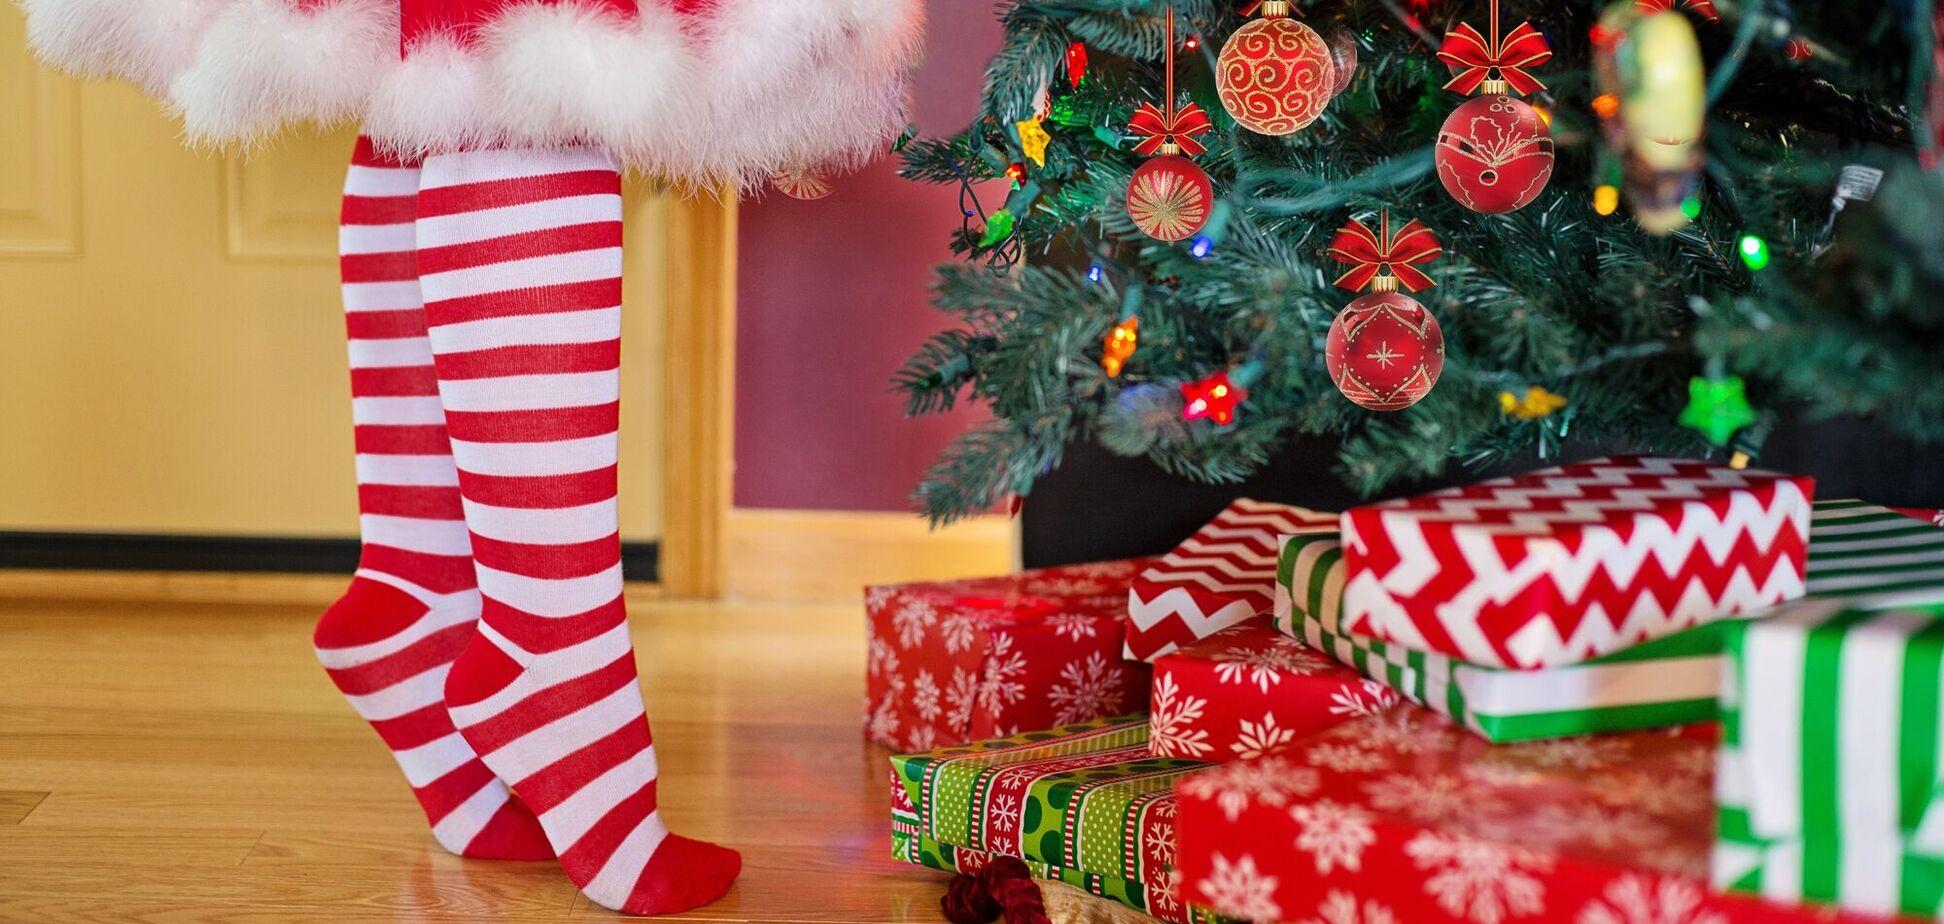 Рождество для католиков и протестантов является важнейшим христианским праздником